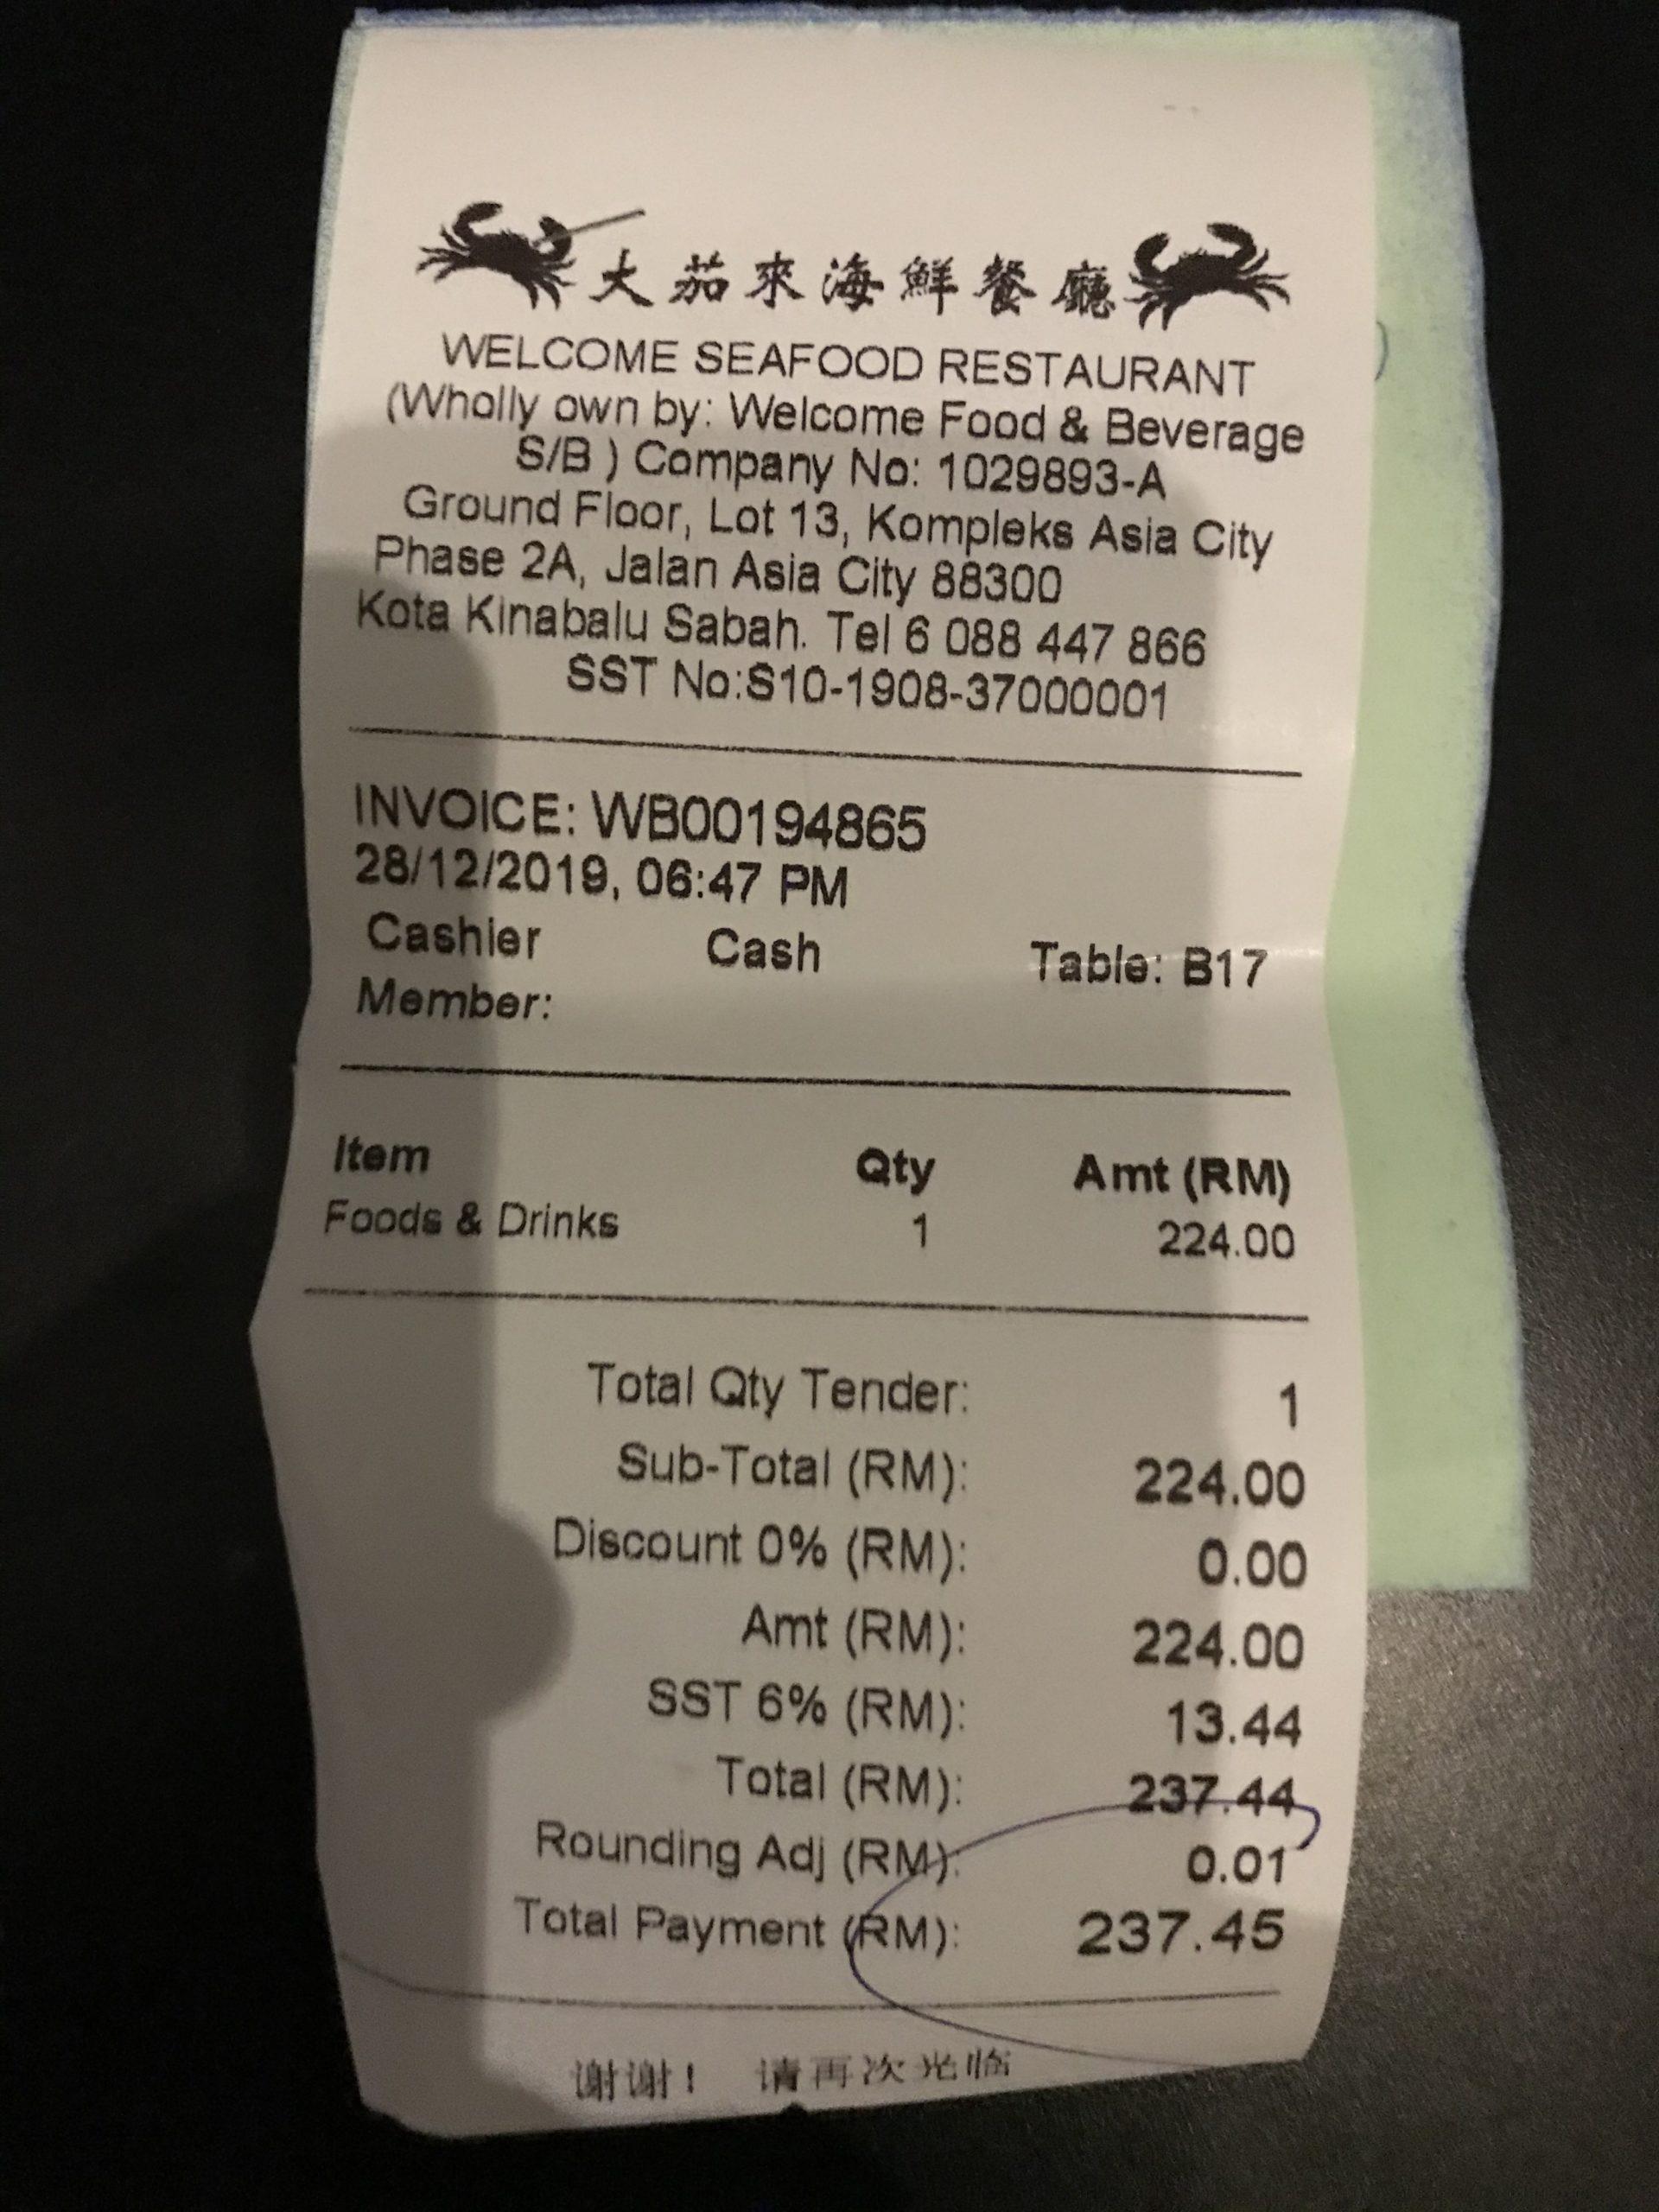 コタキナバル シーフード 値段